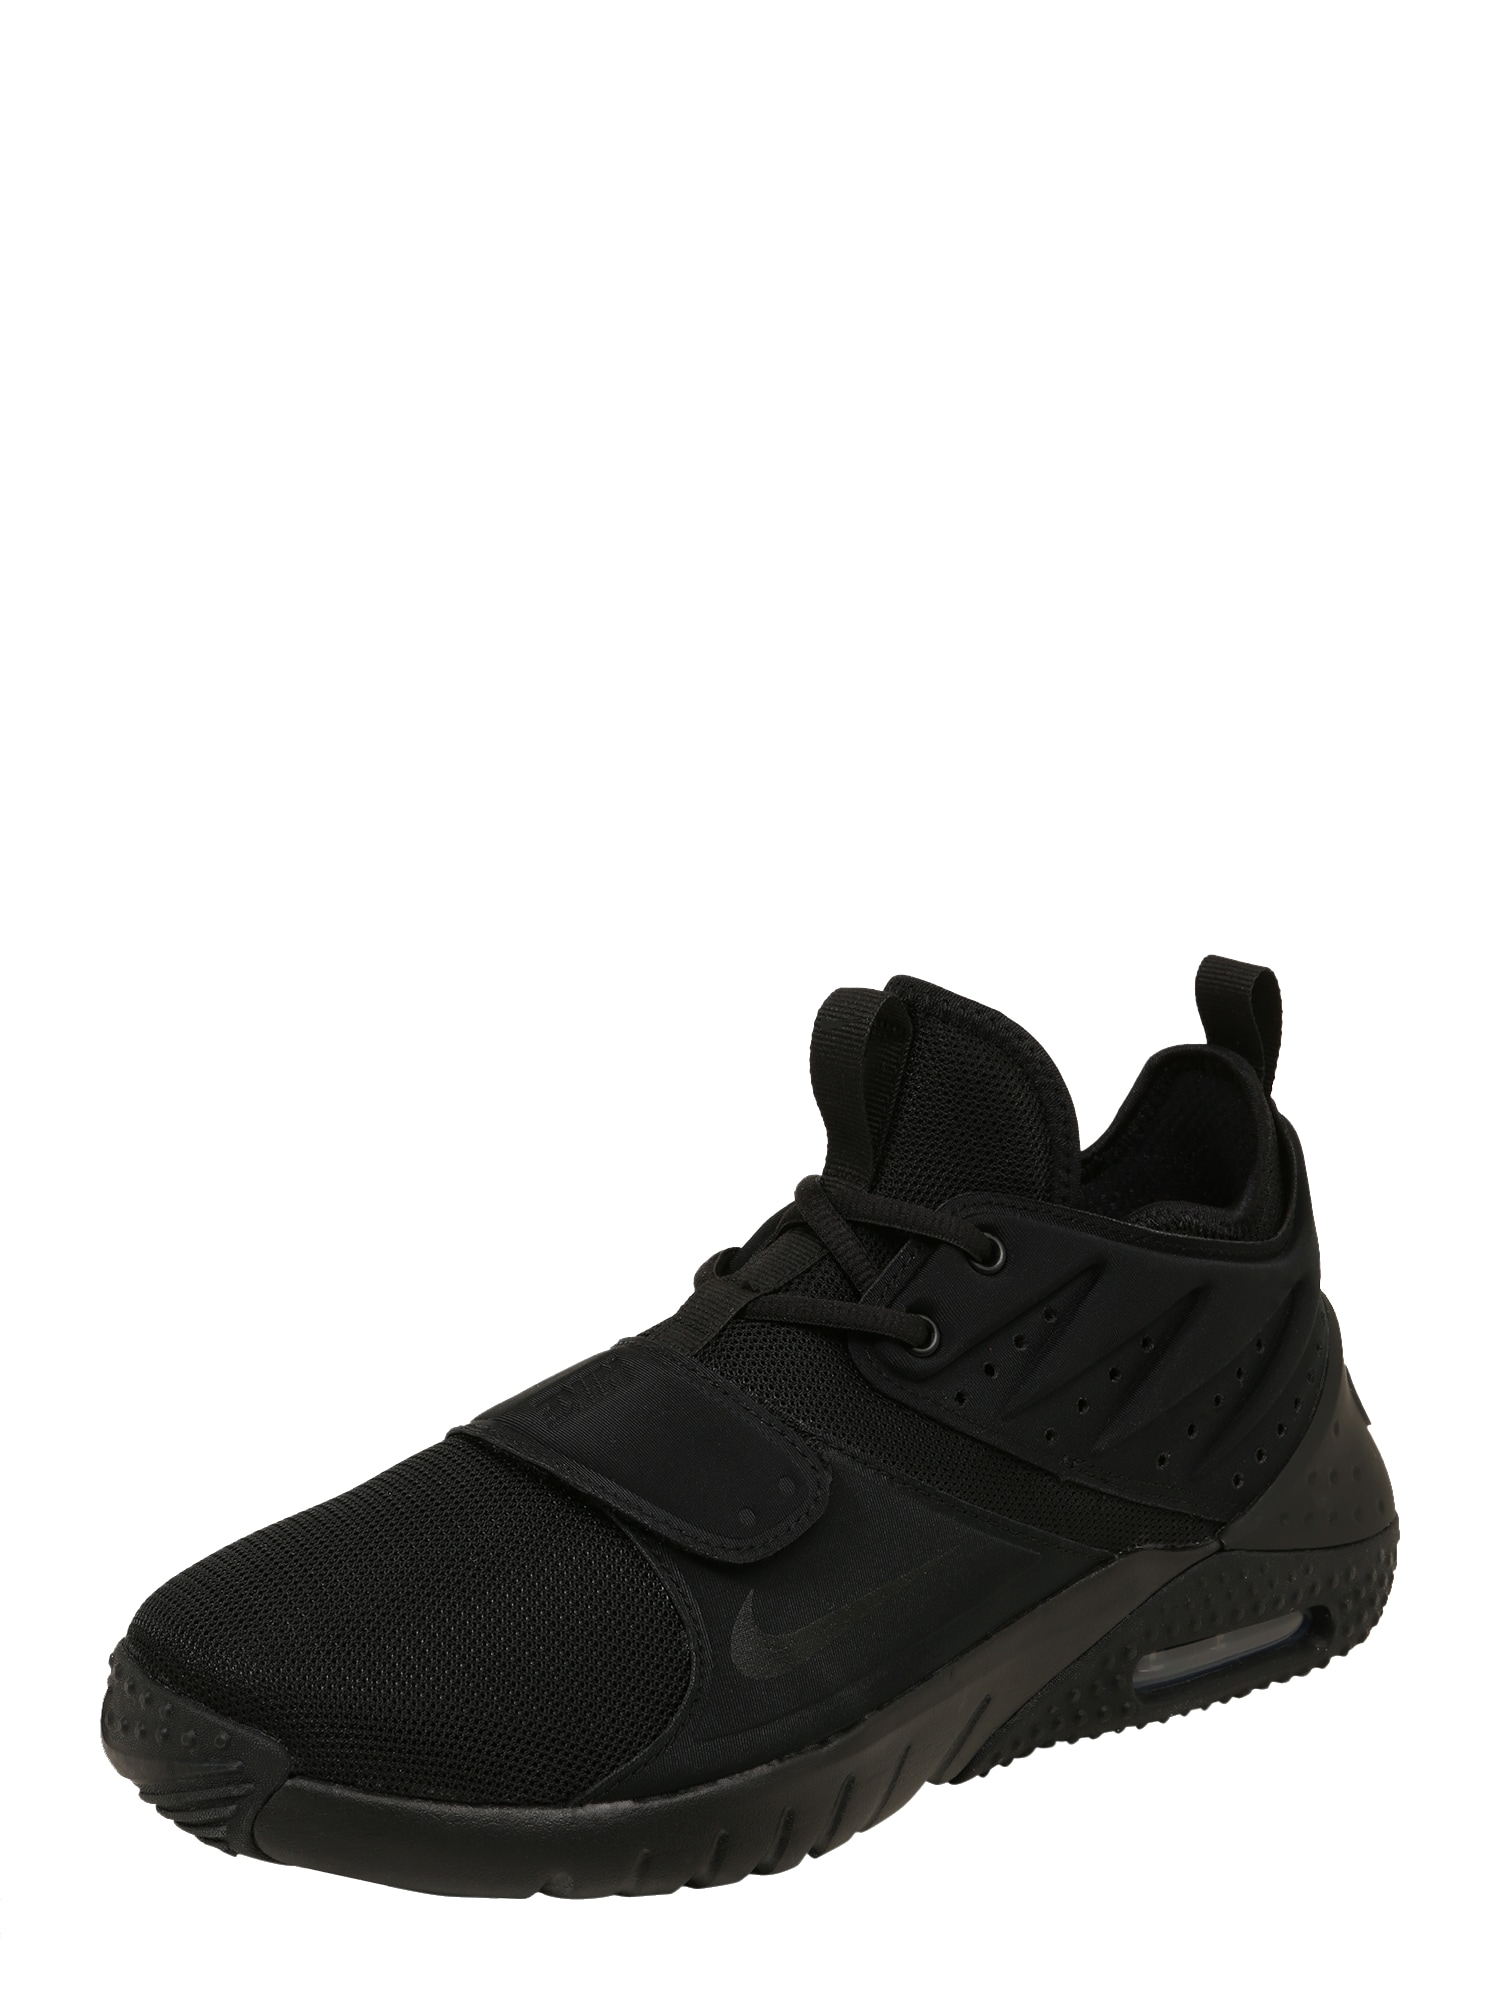 Sportovní boty Air Max Trainer 1 černá NIKE